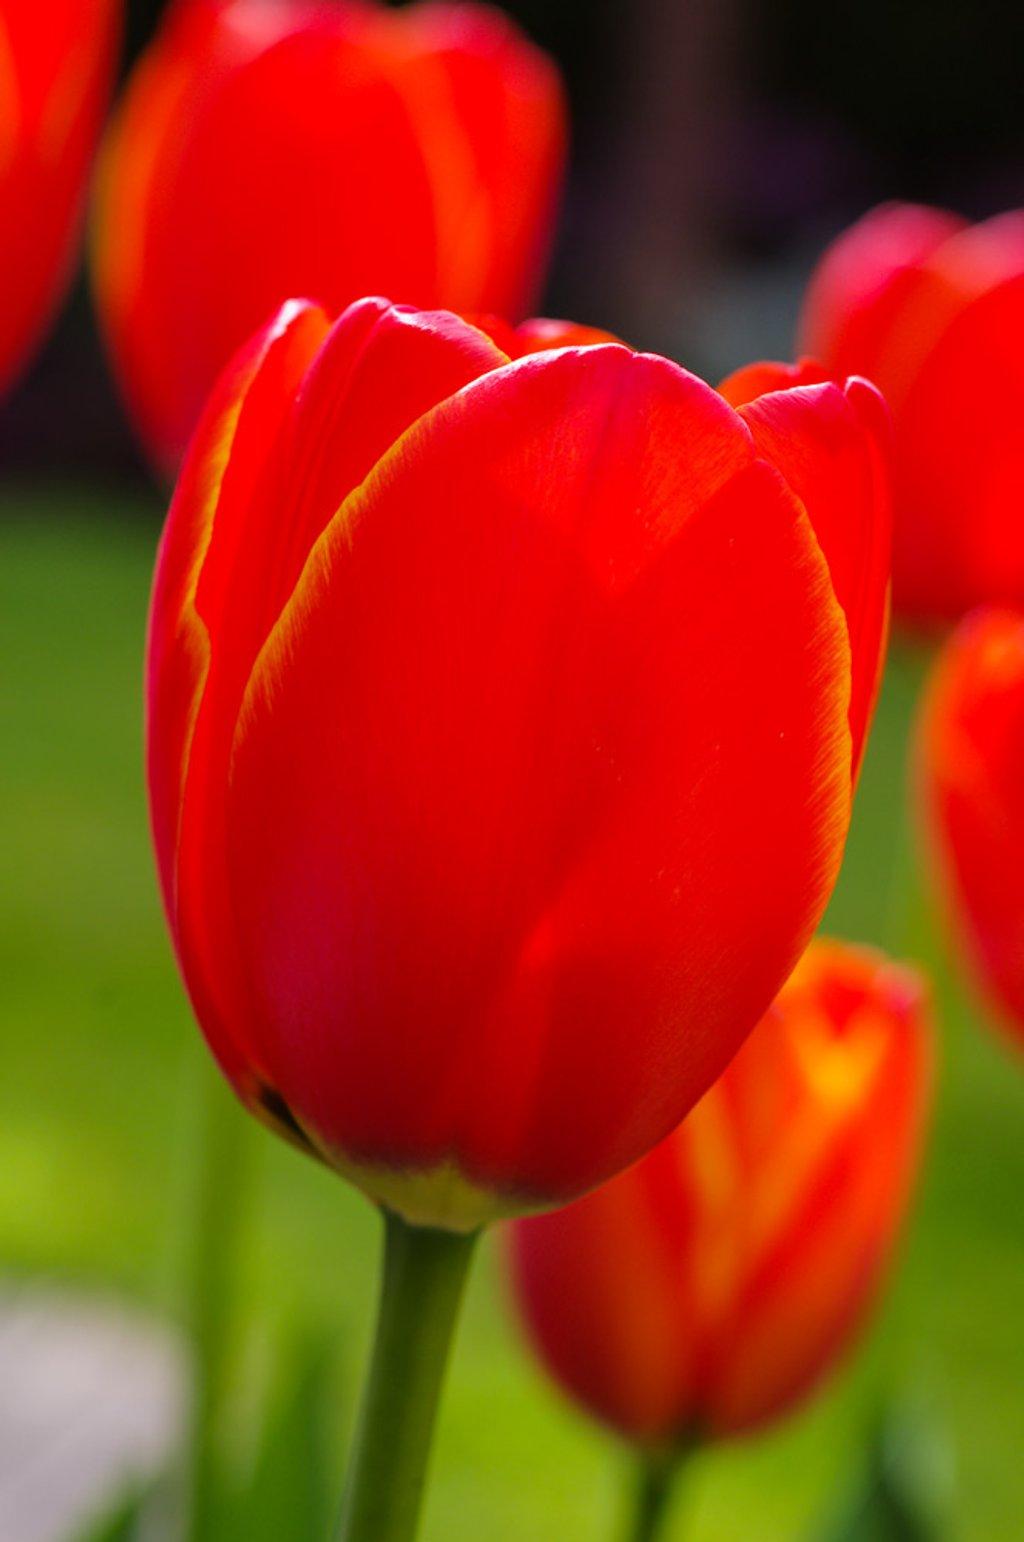 Tulip by ivan